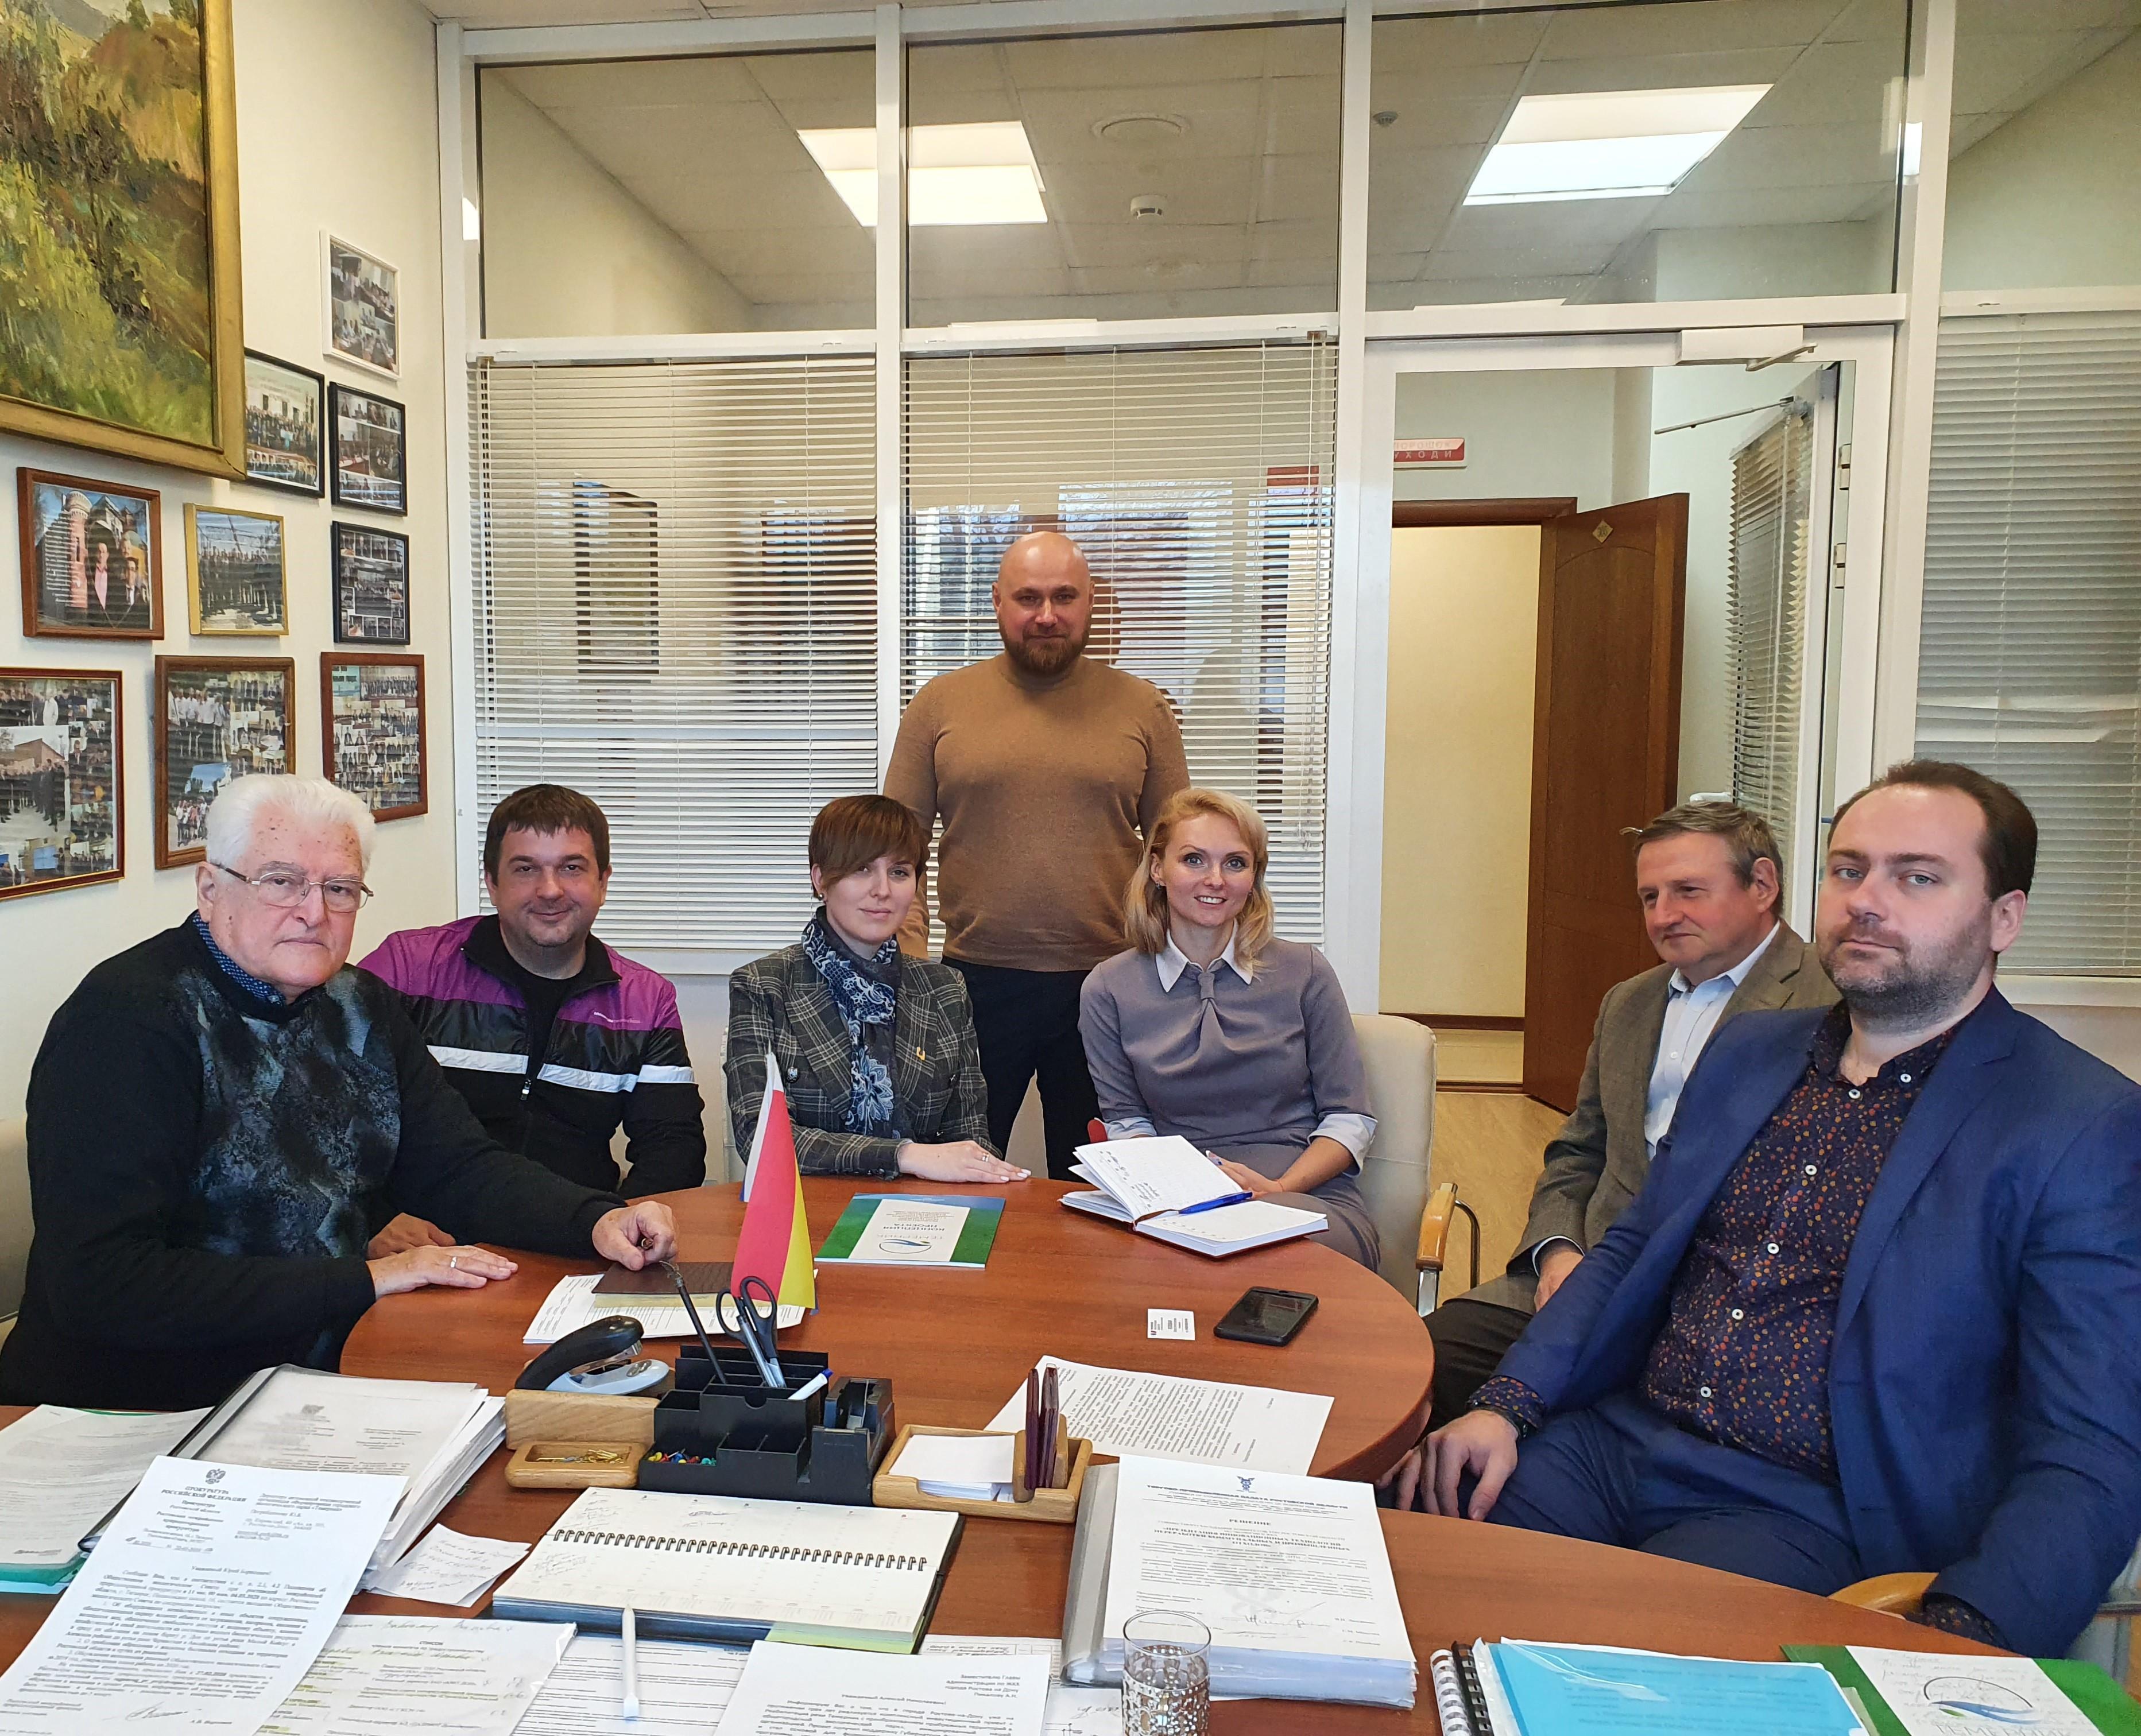 Совещание учредителей АНО «Парк Темерник» с представителями регионального отделения Российского экологического общества